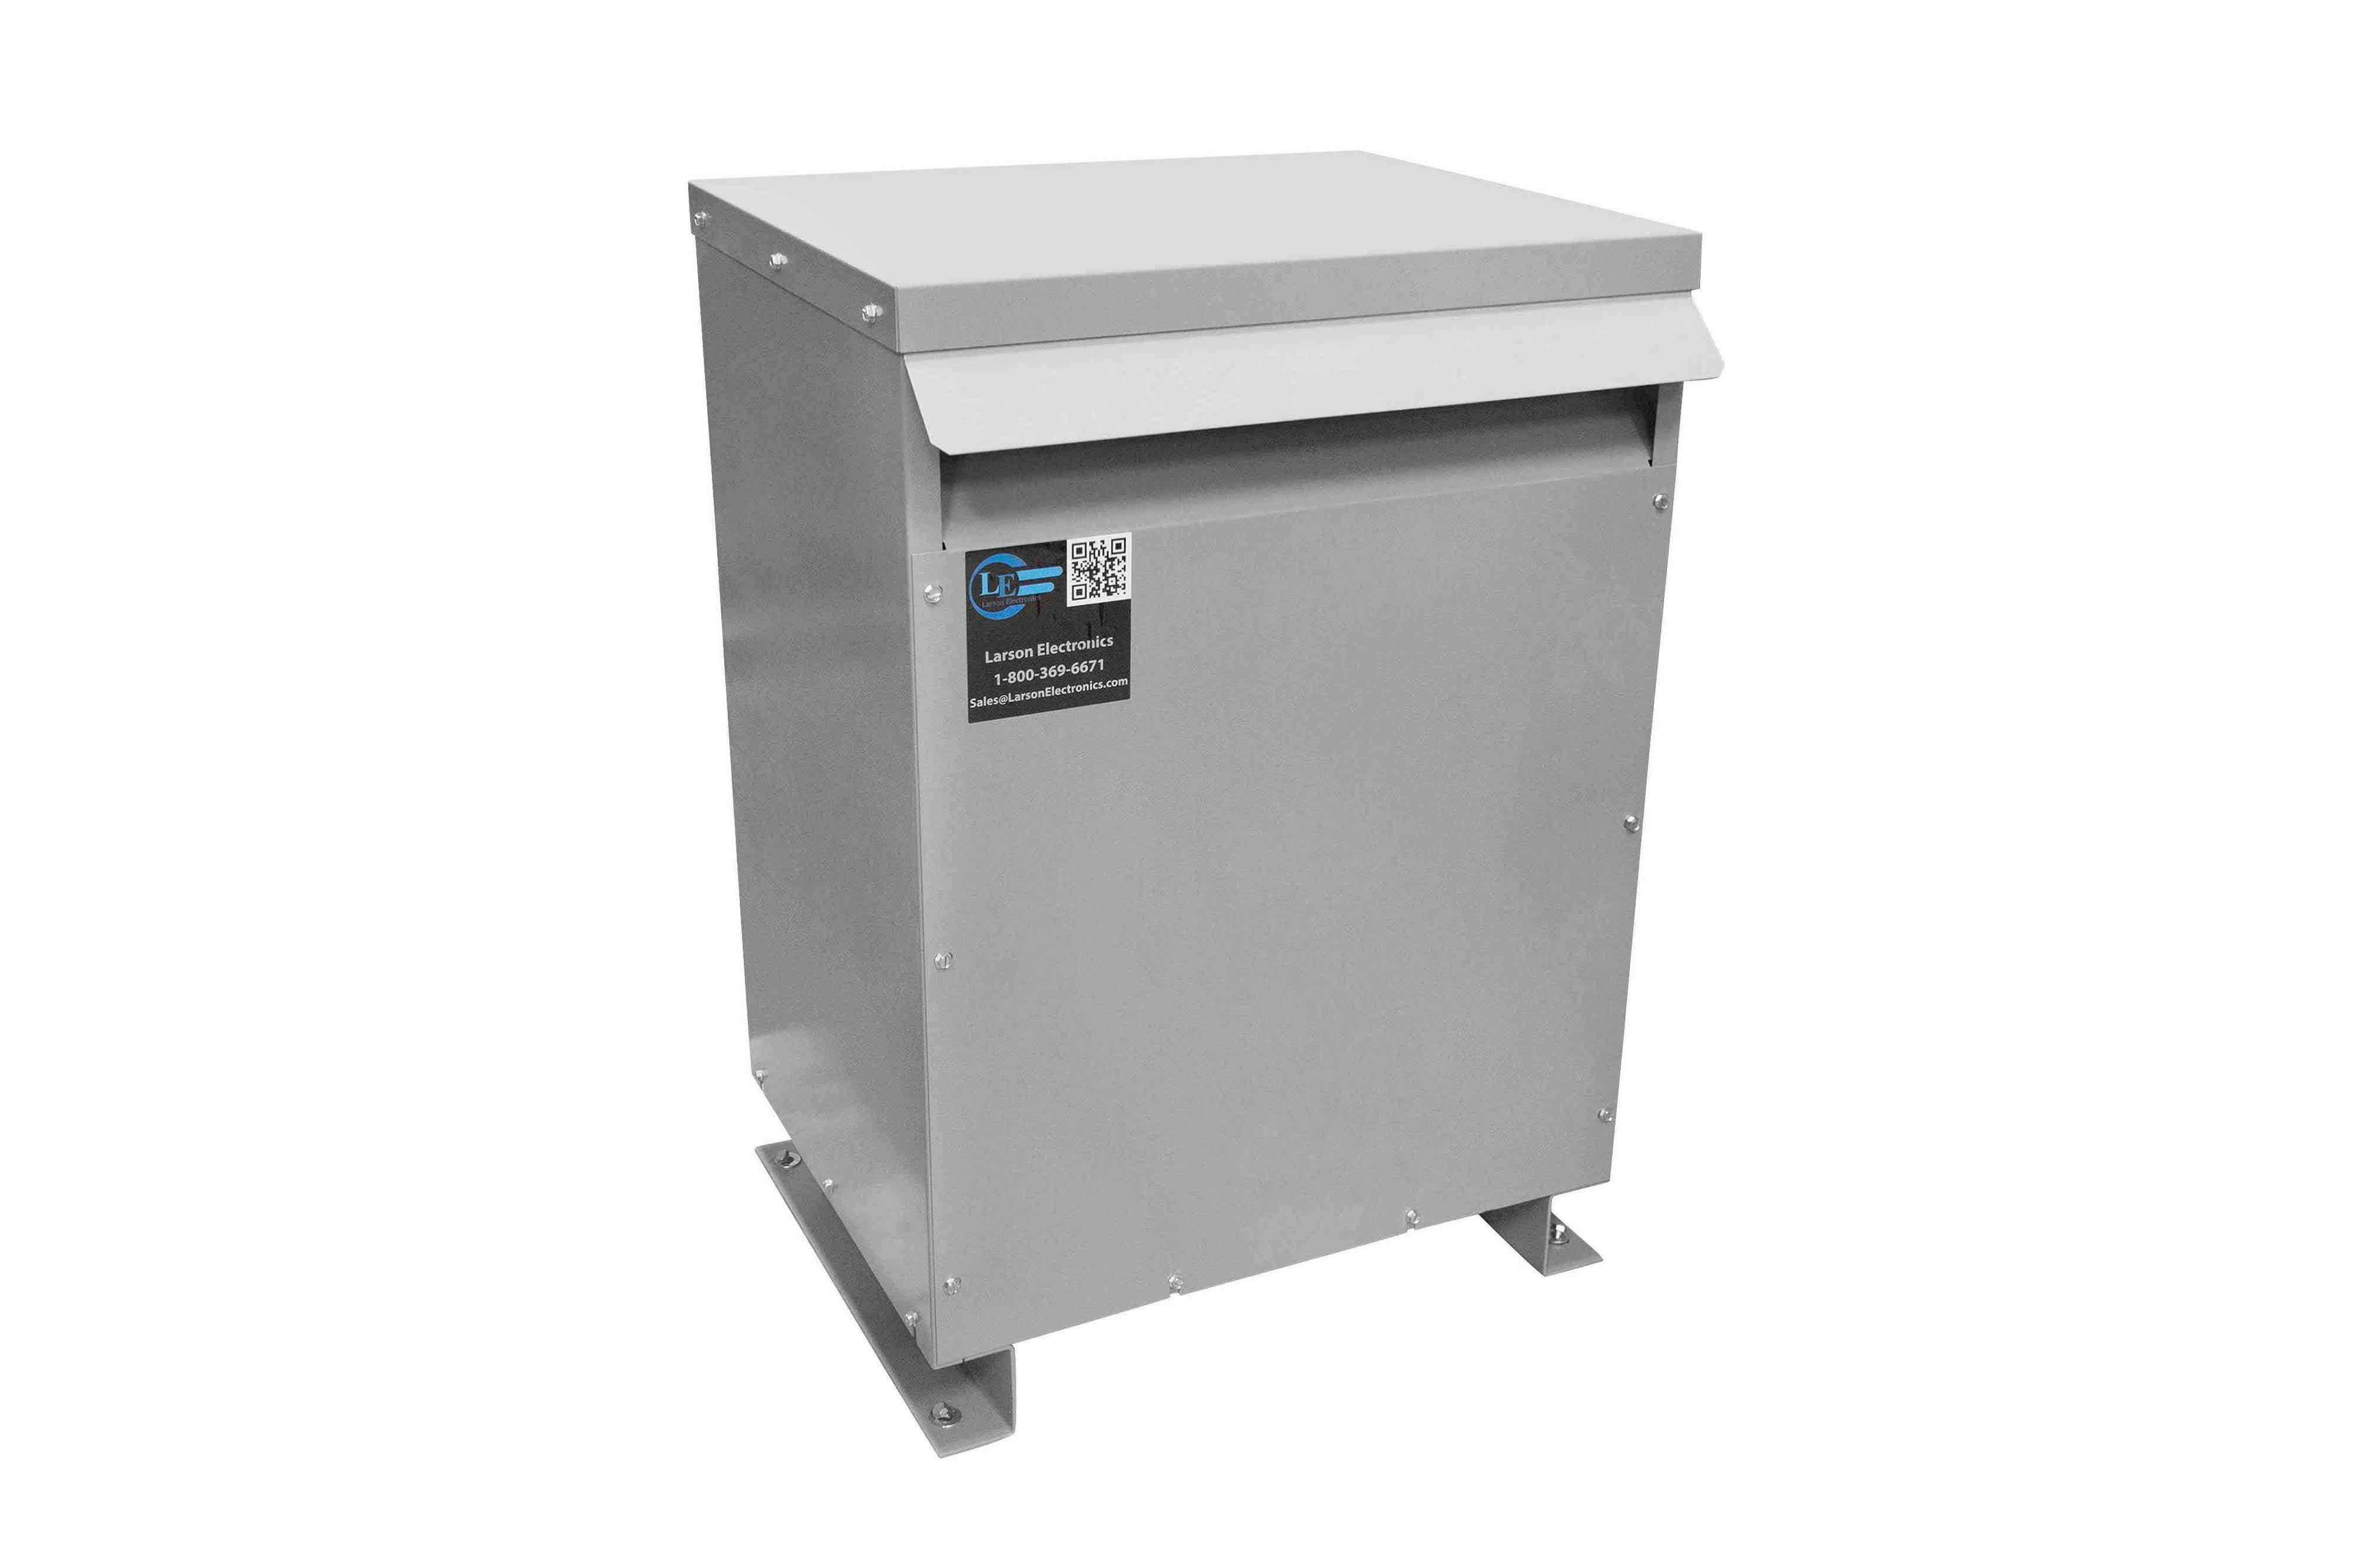 32.5 kVA 3PH Isolation Transformer, 400V Delta Primary, 480V Delta Secondary, N3R, Ventilated, 60 Hz